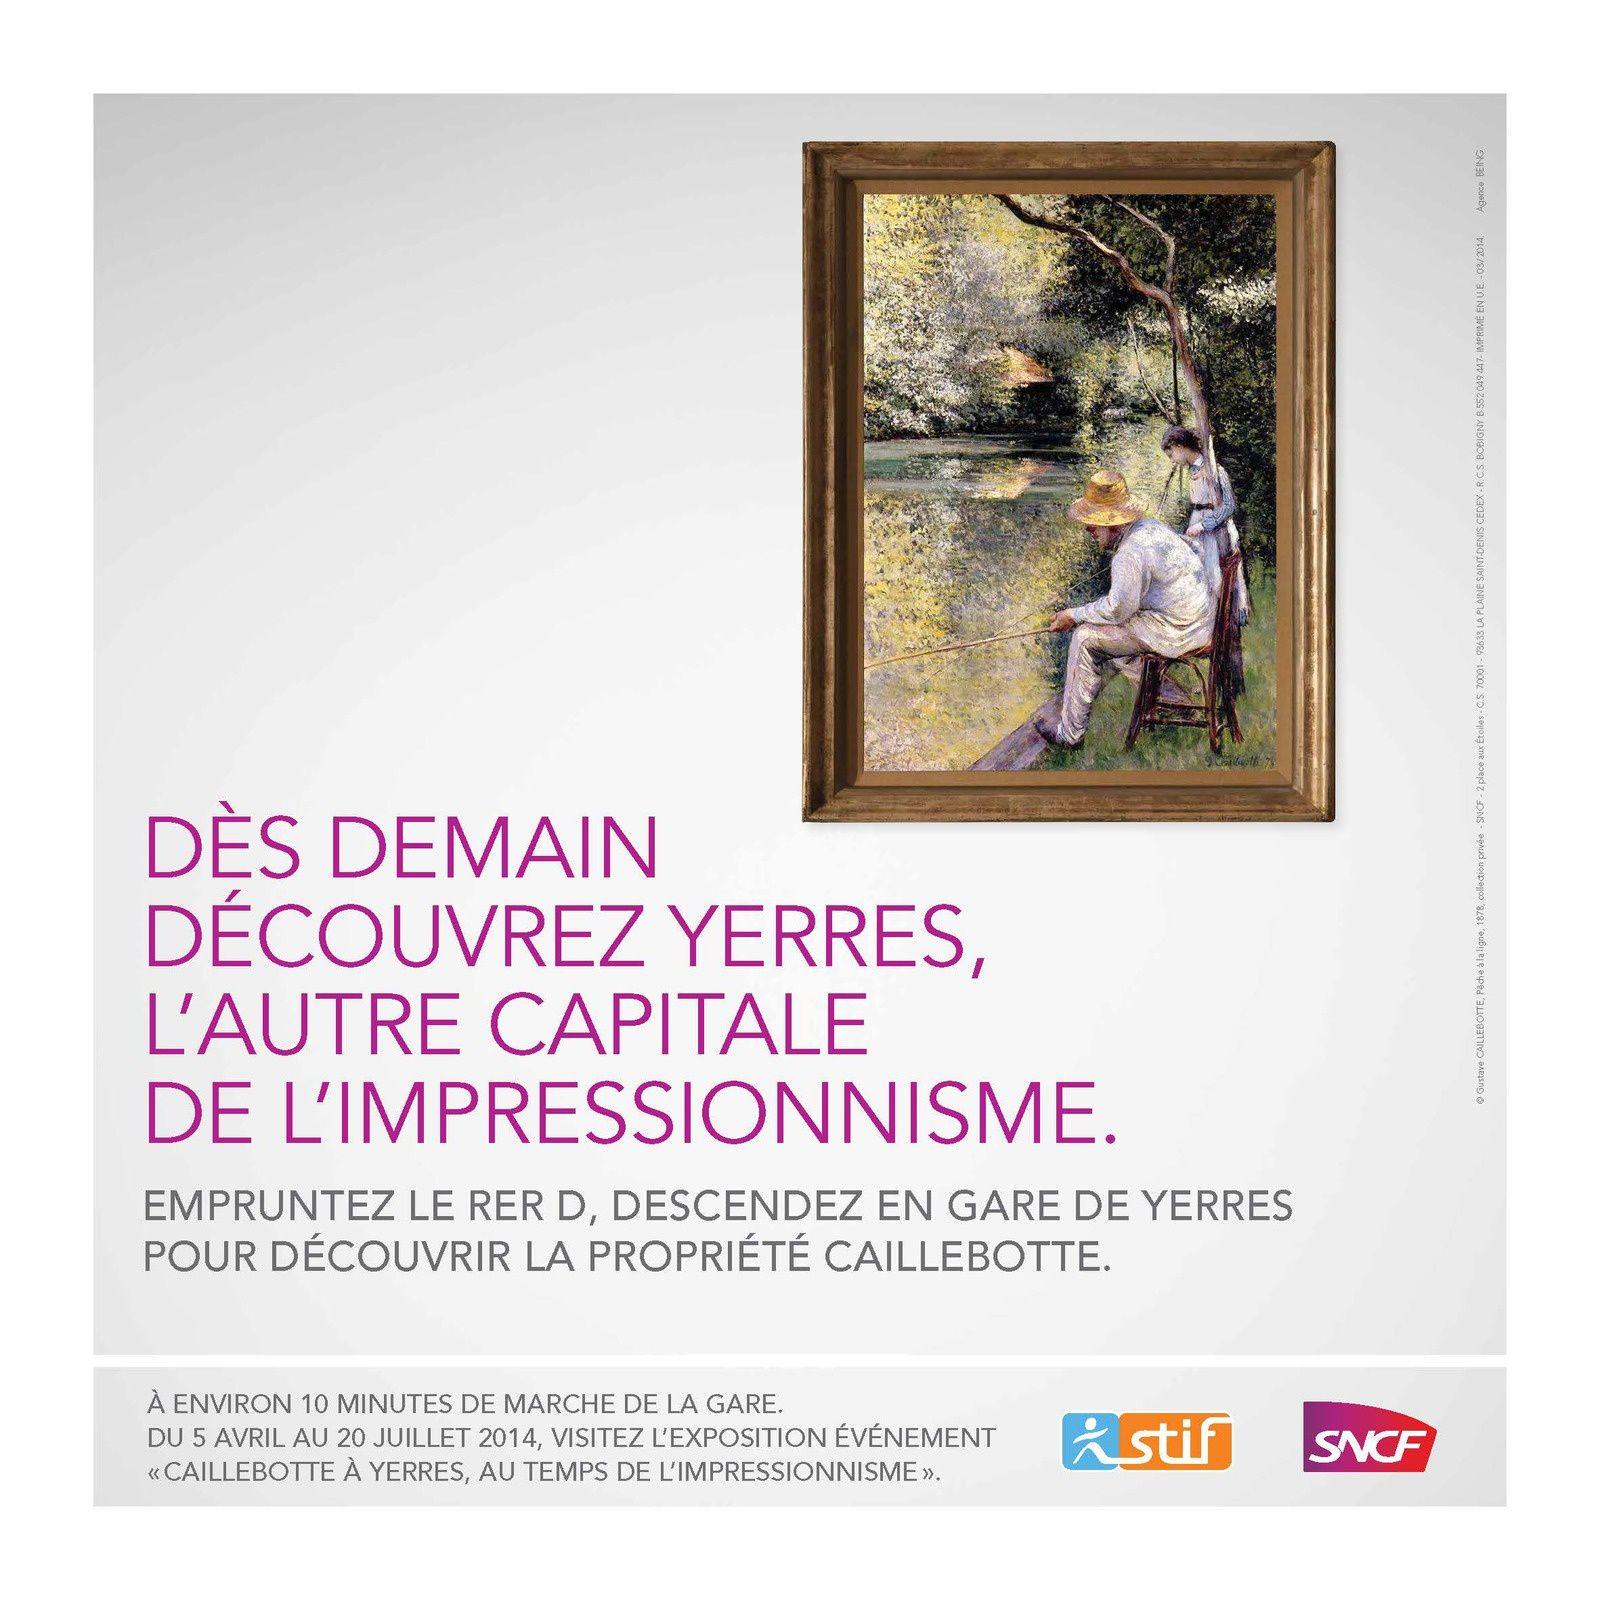 Gustave Caillebotte, Pêche à la ligne, 1878, huile sur toile, 157 x 117 cm. Collection particulière. Remerciements au Comité Caillebotte, Paris